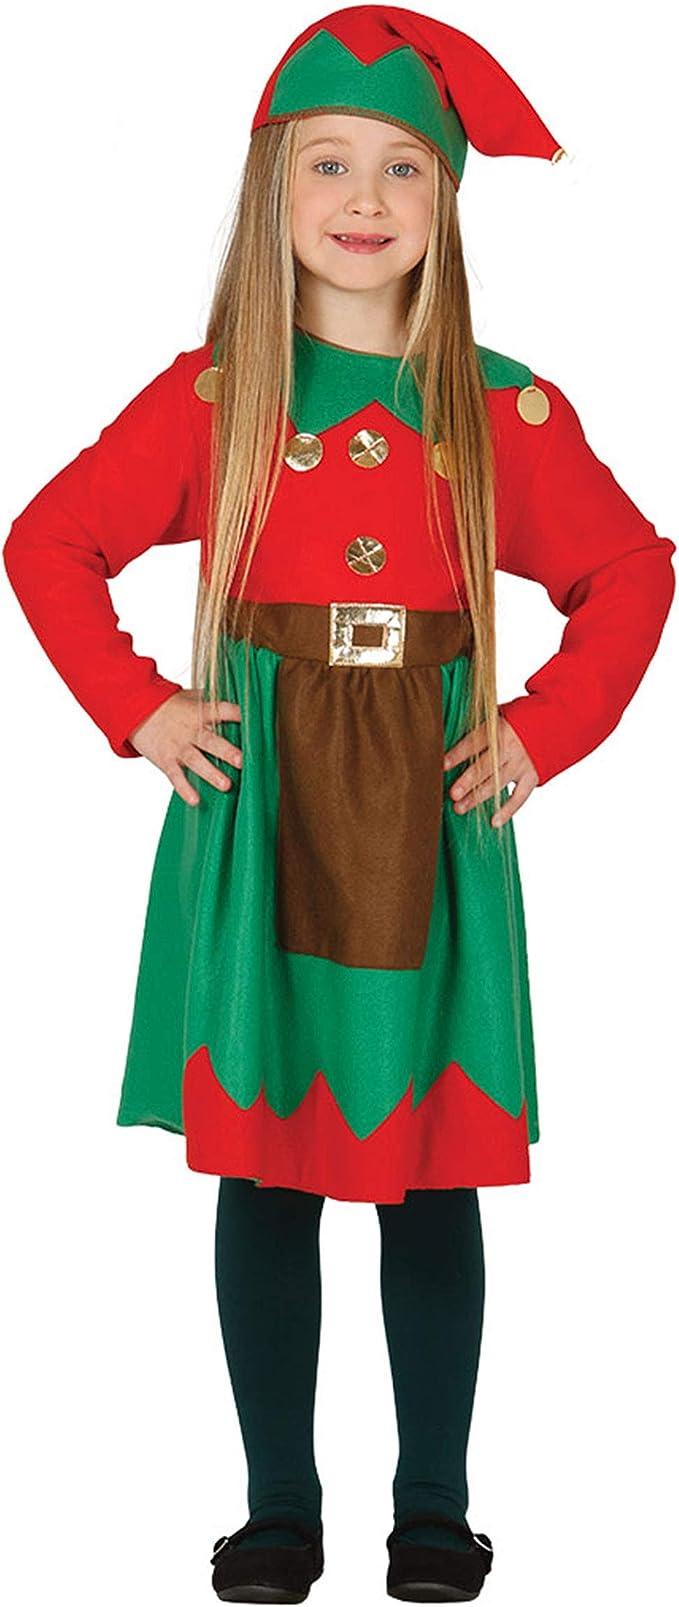 Disfraz de Elfa verde y rojo para niña: Amazon.es: Juguetes y juegos